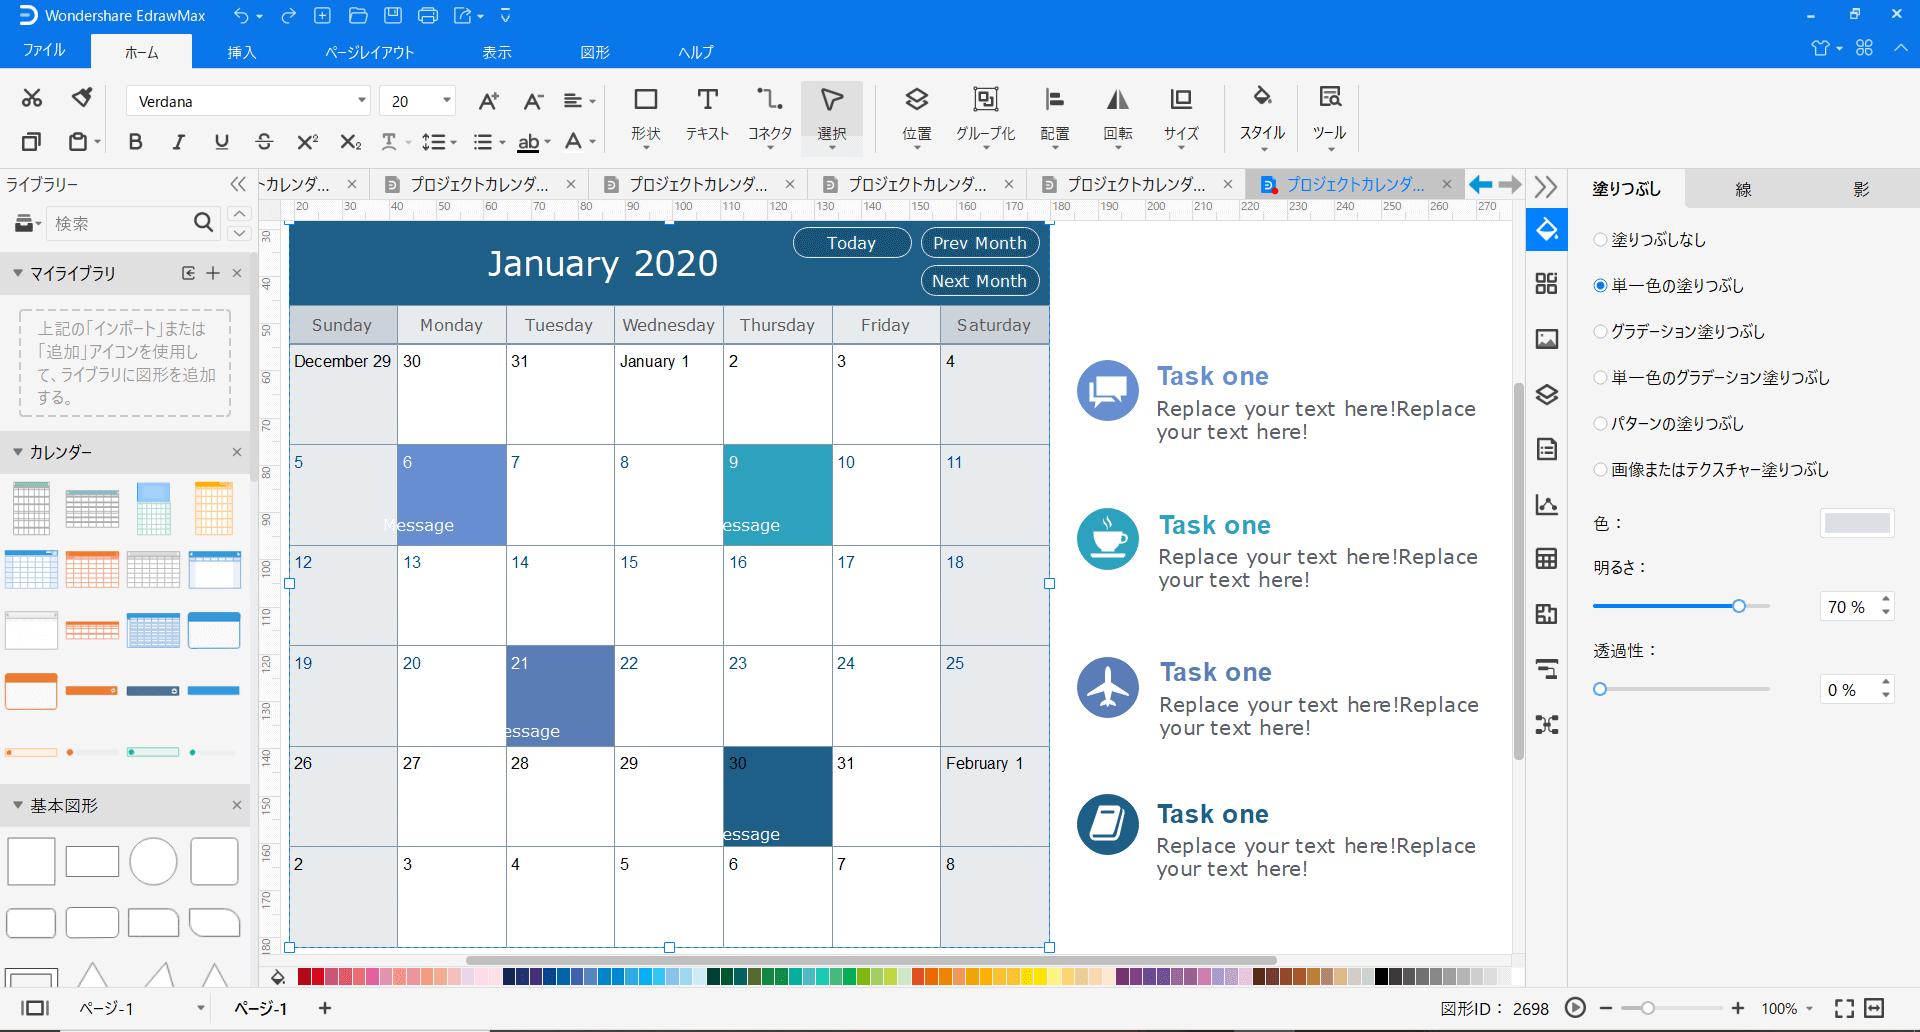 ④プロジェクトカレンダー